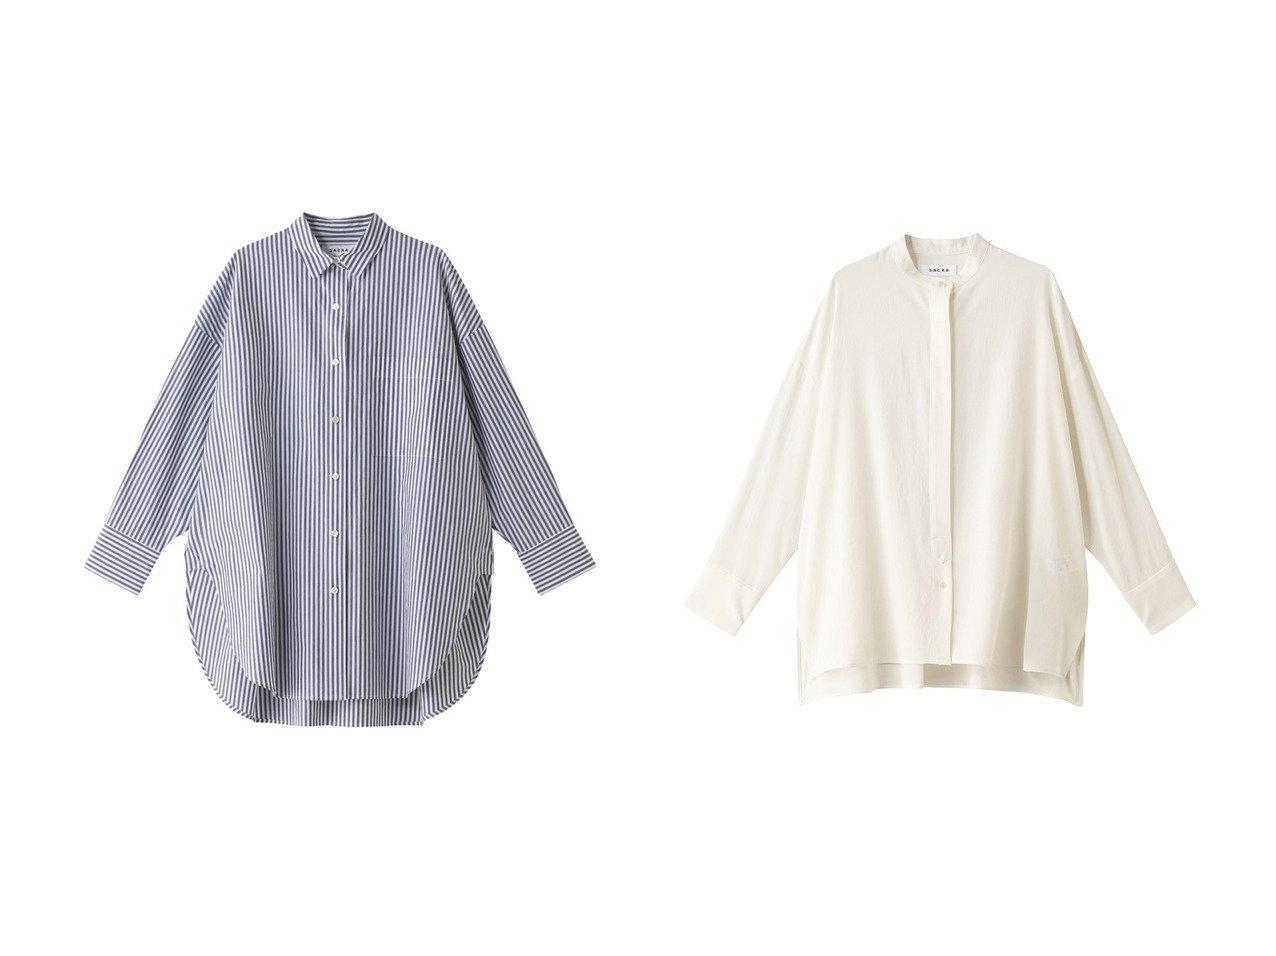 【SACRA/サクラ】のハイカウントコットンストライプシャツ&トリアセマイクロクレープブラウス SACRAのおすすめ!人気、トレンド・レディースファッションの通販 おすすめで人気の流行・トレンド、ファッションの通販商品 メンズファッション・キッズファッション・インテリア・家具・レディースファッション・服の通販 founy(ファニー) https://founy.com/ ファッション Fashion レディースファッション WOMEN トップス Tops Tshirt シャツ/ブラウス Shirts Blouses 2021年 2021 2021 春夏 S/S SS Spring/Summer 2021 S/S 春夏 SS Spring/Summer ストライプ スリット スリーブ ボトム ロング 春 Spring |ID:crp329100000019064